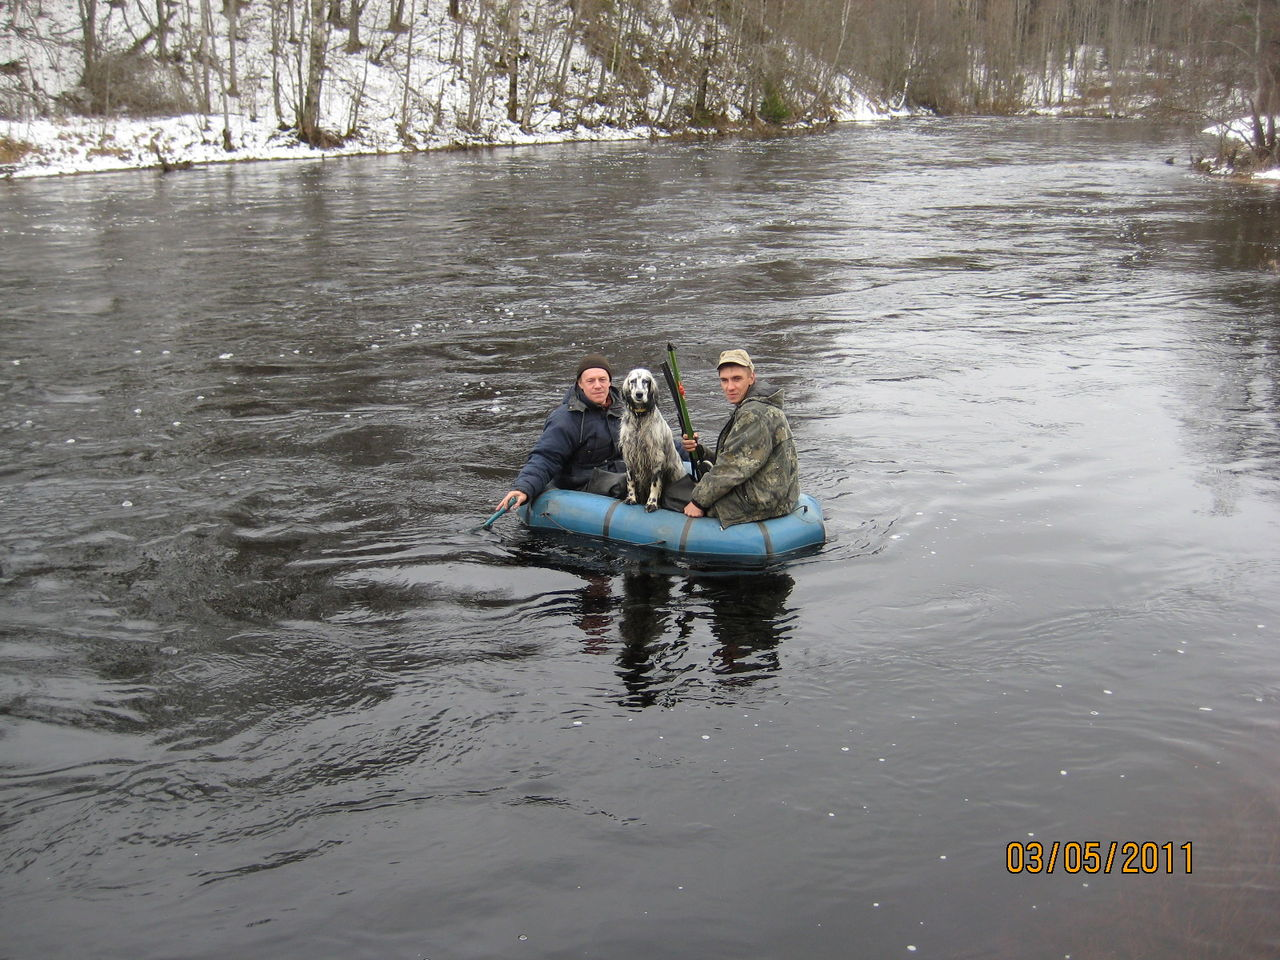 охотник плывя по озеру на легкой надувной лодке